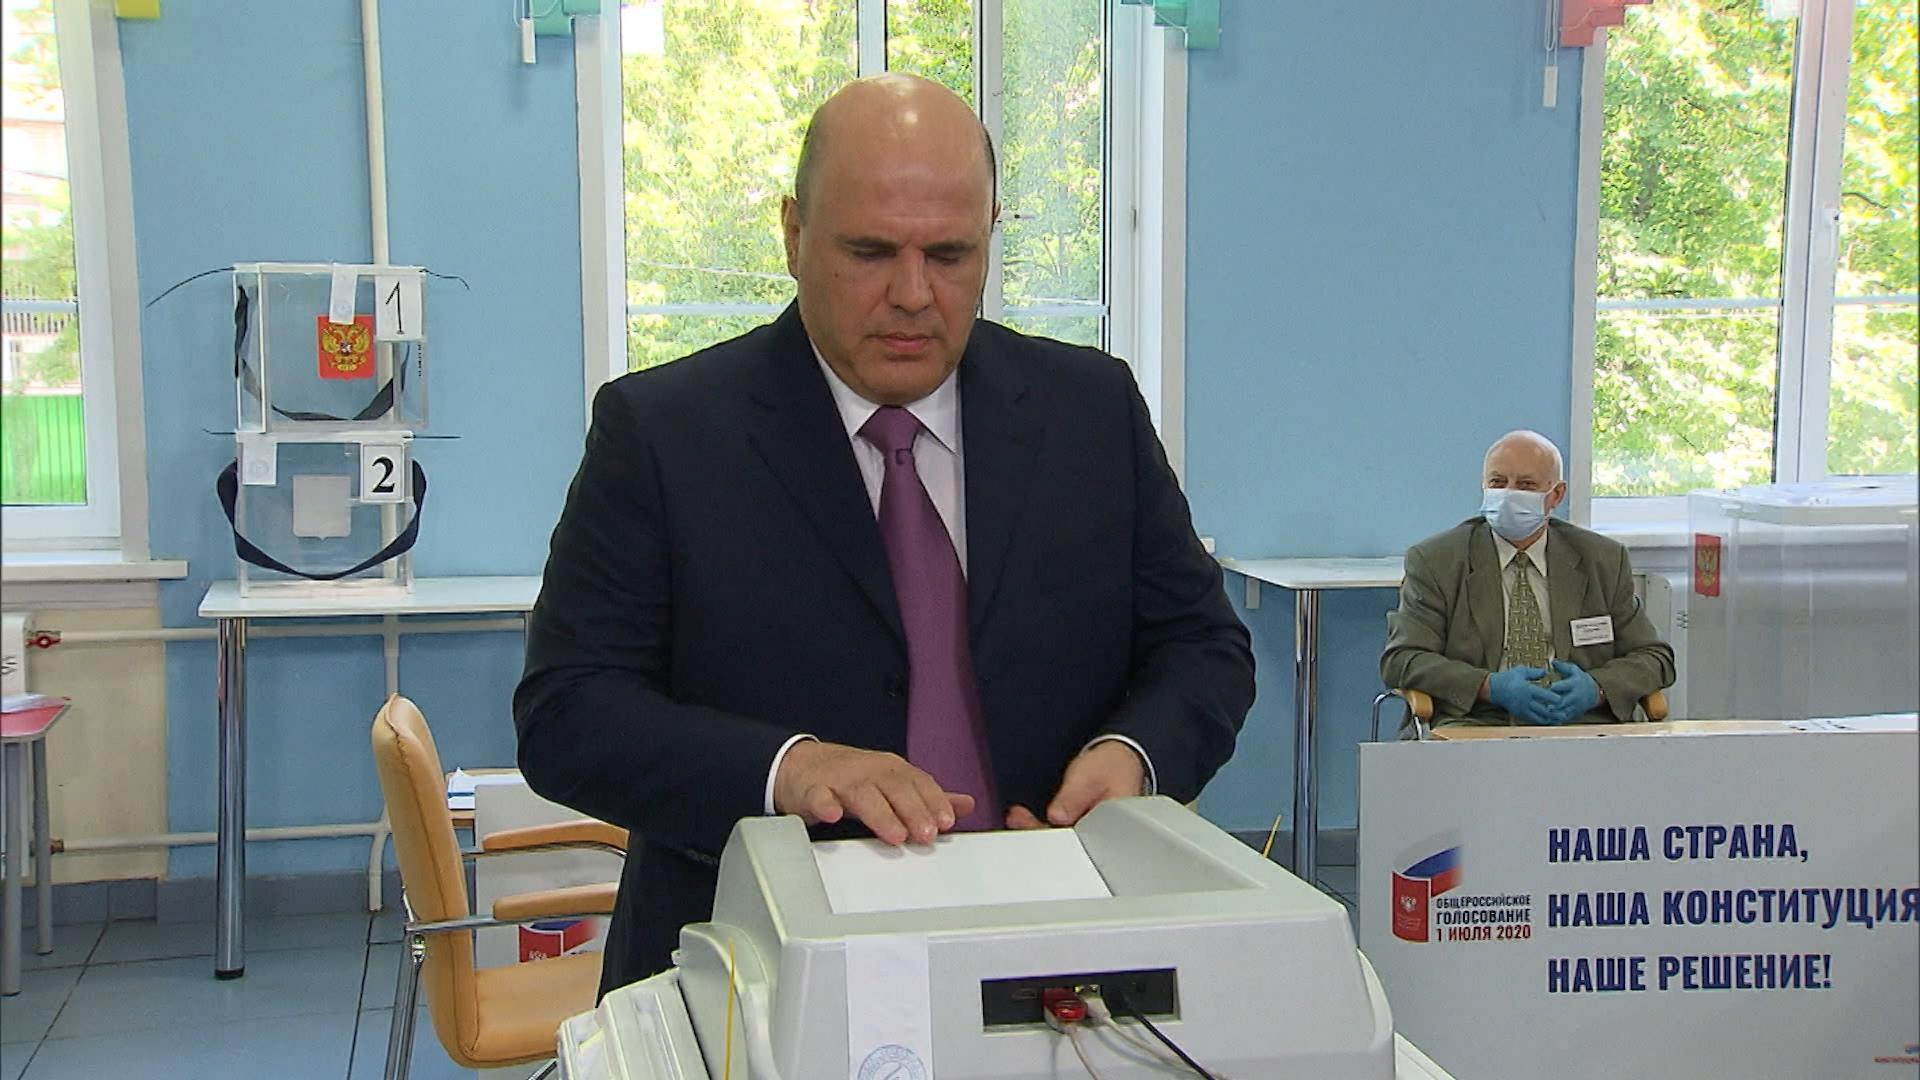 Михаил Мишустин во время голосования